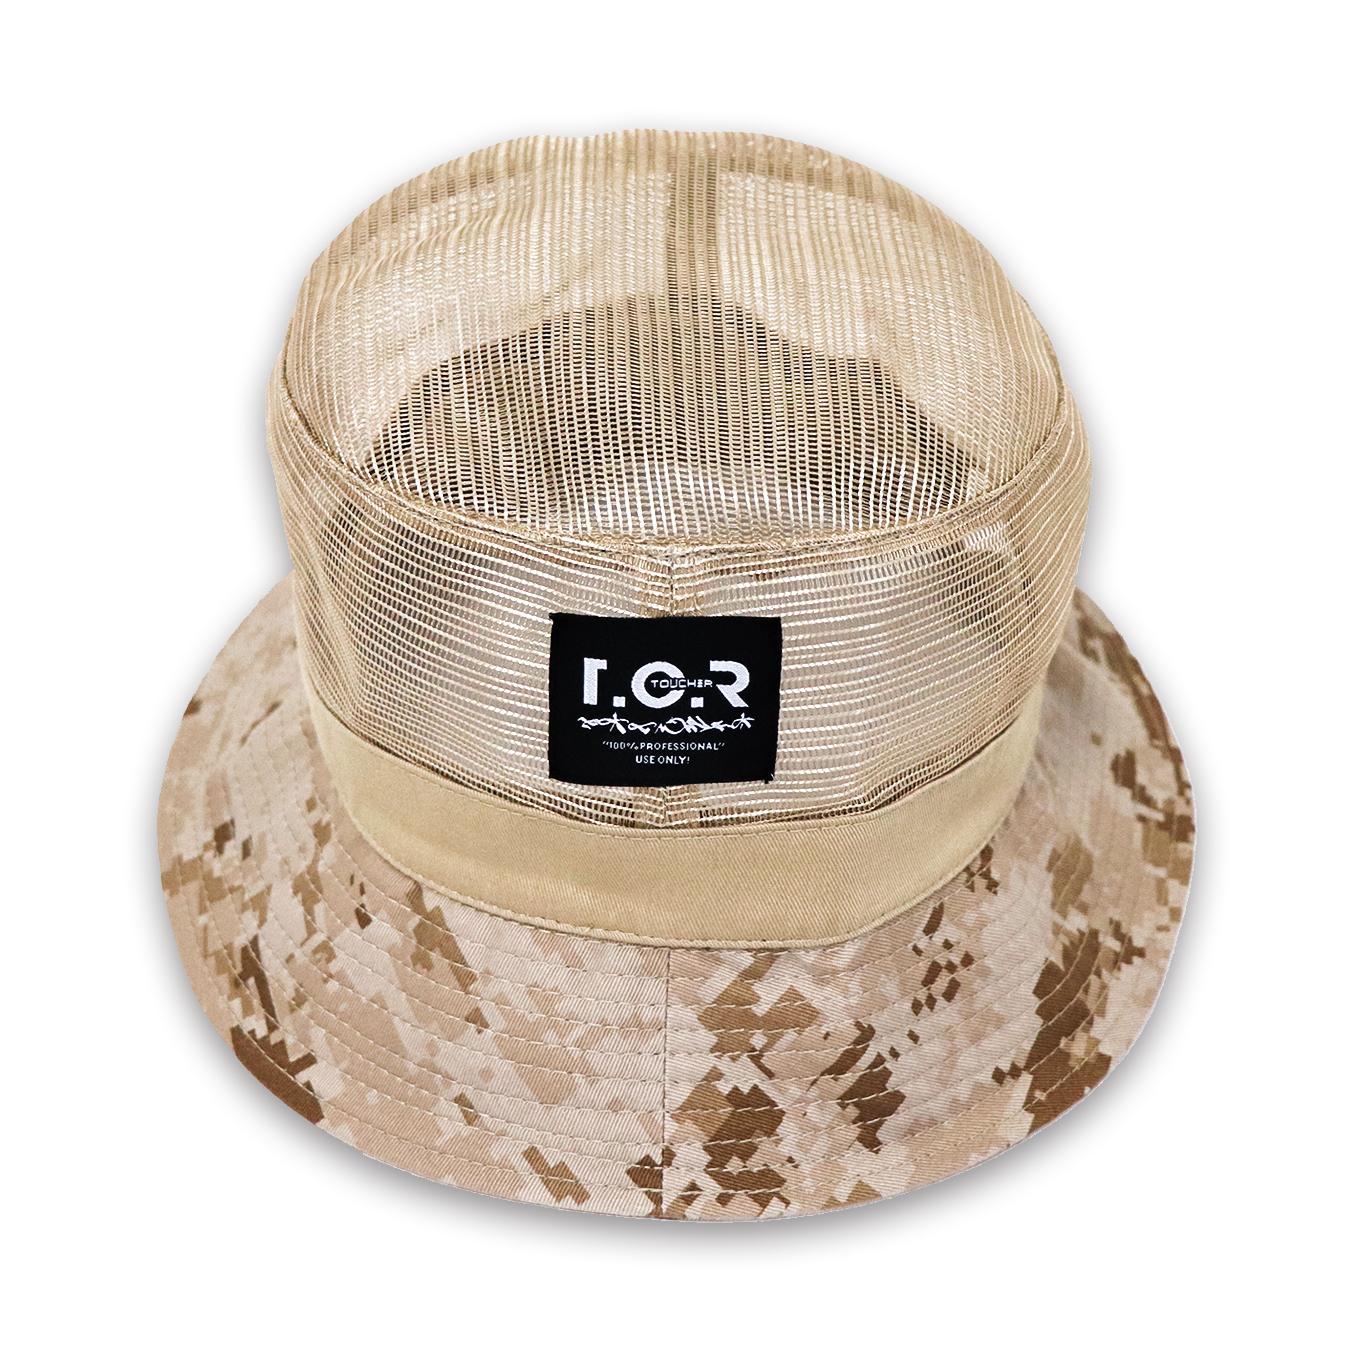 TCR MESH BUCKET HAT - BEIGE/DESERT CAMO